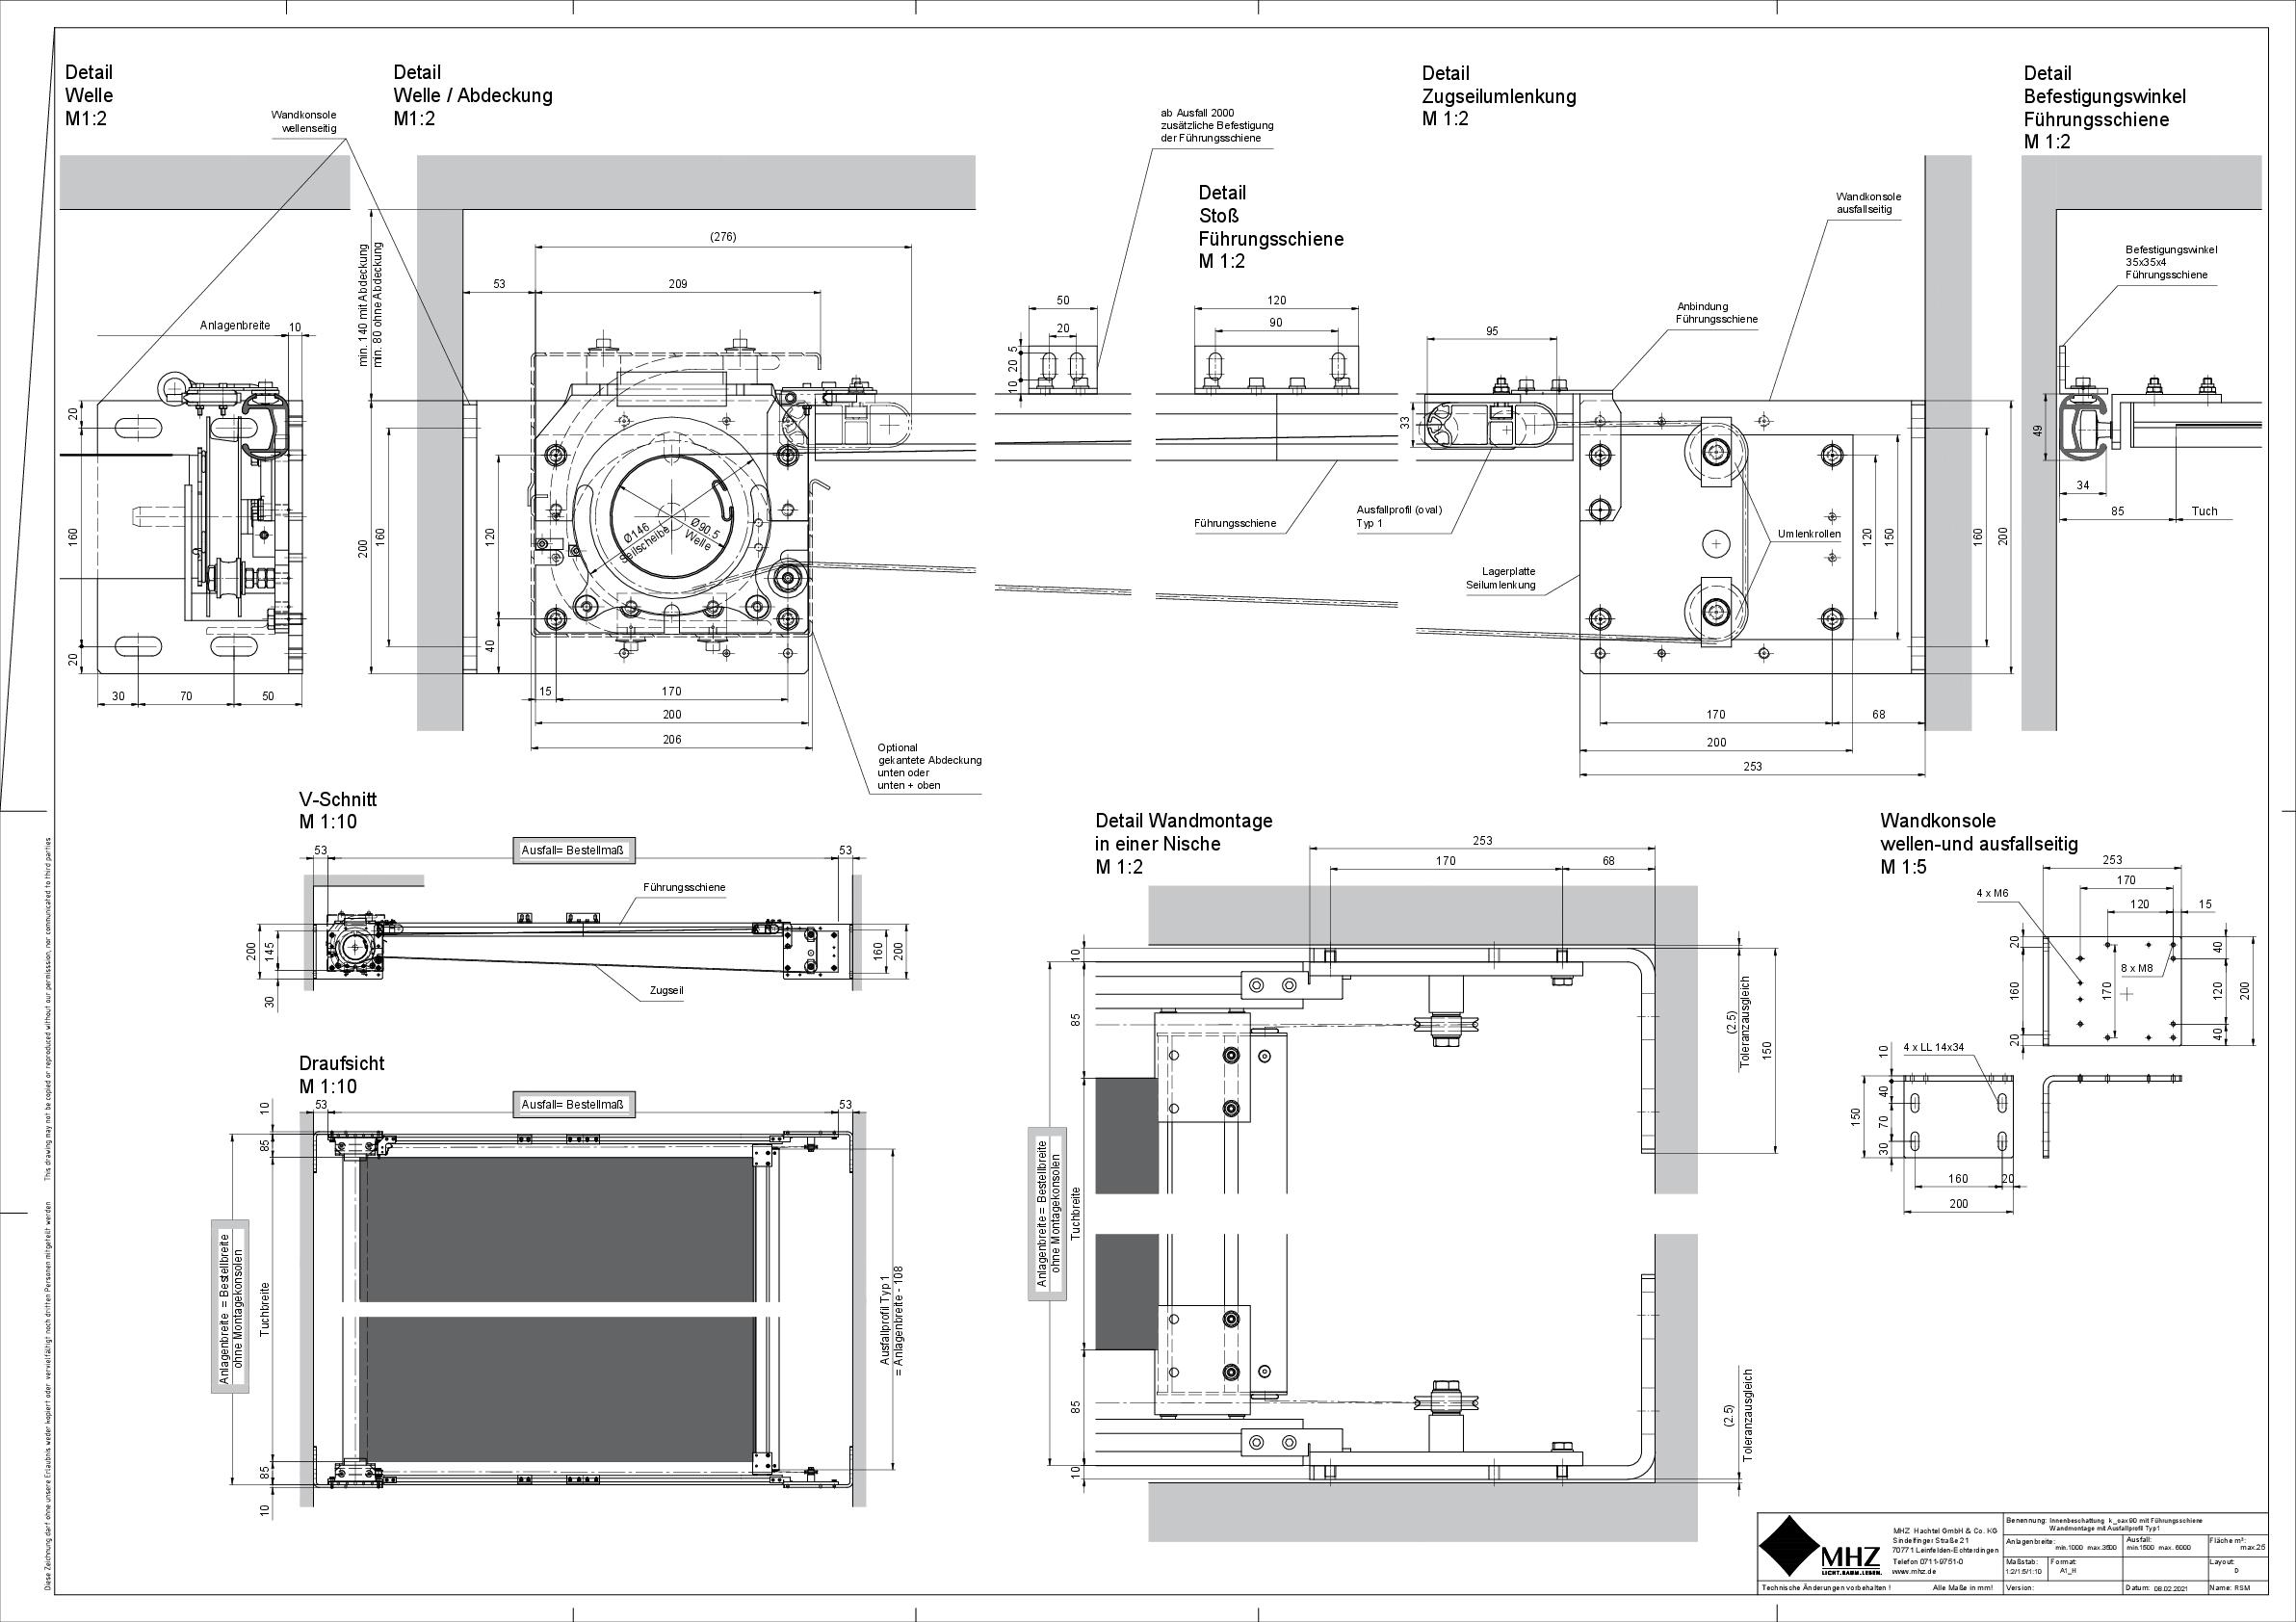 Technische Zeichnung dwg Beschattung k_oax 90 Seilführung